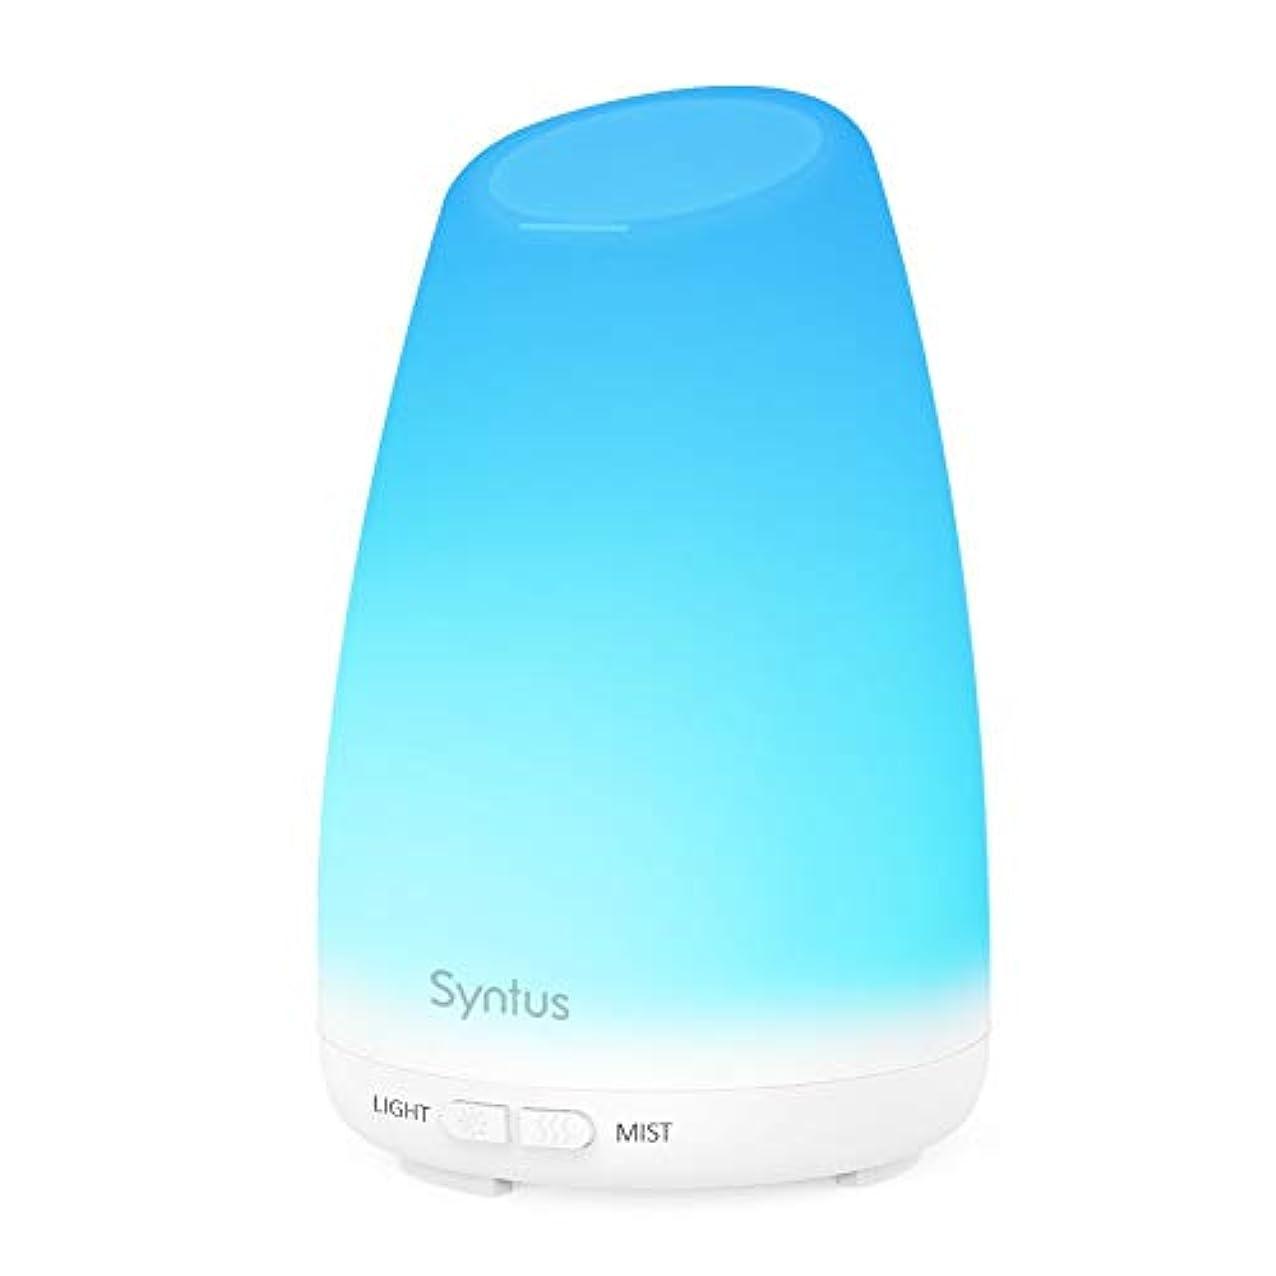 繰り返したモディッシュ覚えているSyntus 150ml エッセンシャルオイルディフューザー ポータブル超音波式アロマセラピーディフューザー 7色に変わるLEDライト 変更可能なミストモード 水切れ自動停止機能